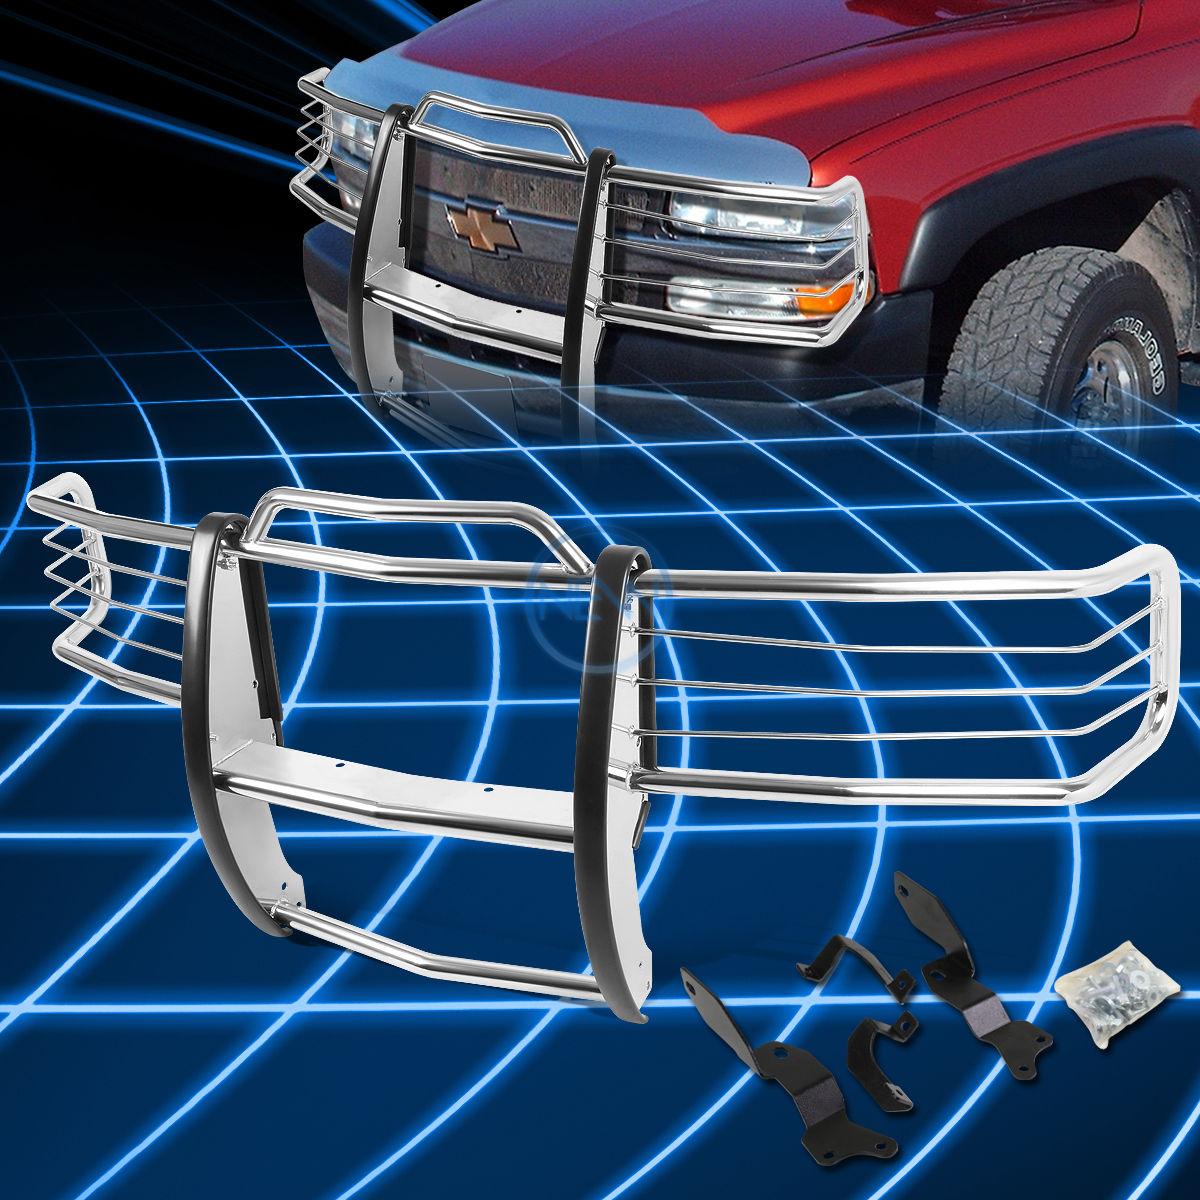 グリル 2001-2007 Silverado 1500-3500 HD用クロームブラシバンパープロテクターグリルガード Chrome Brush Bumper Protector Grille Guard for 2001-2007 Silverado 1500-3500 HD